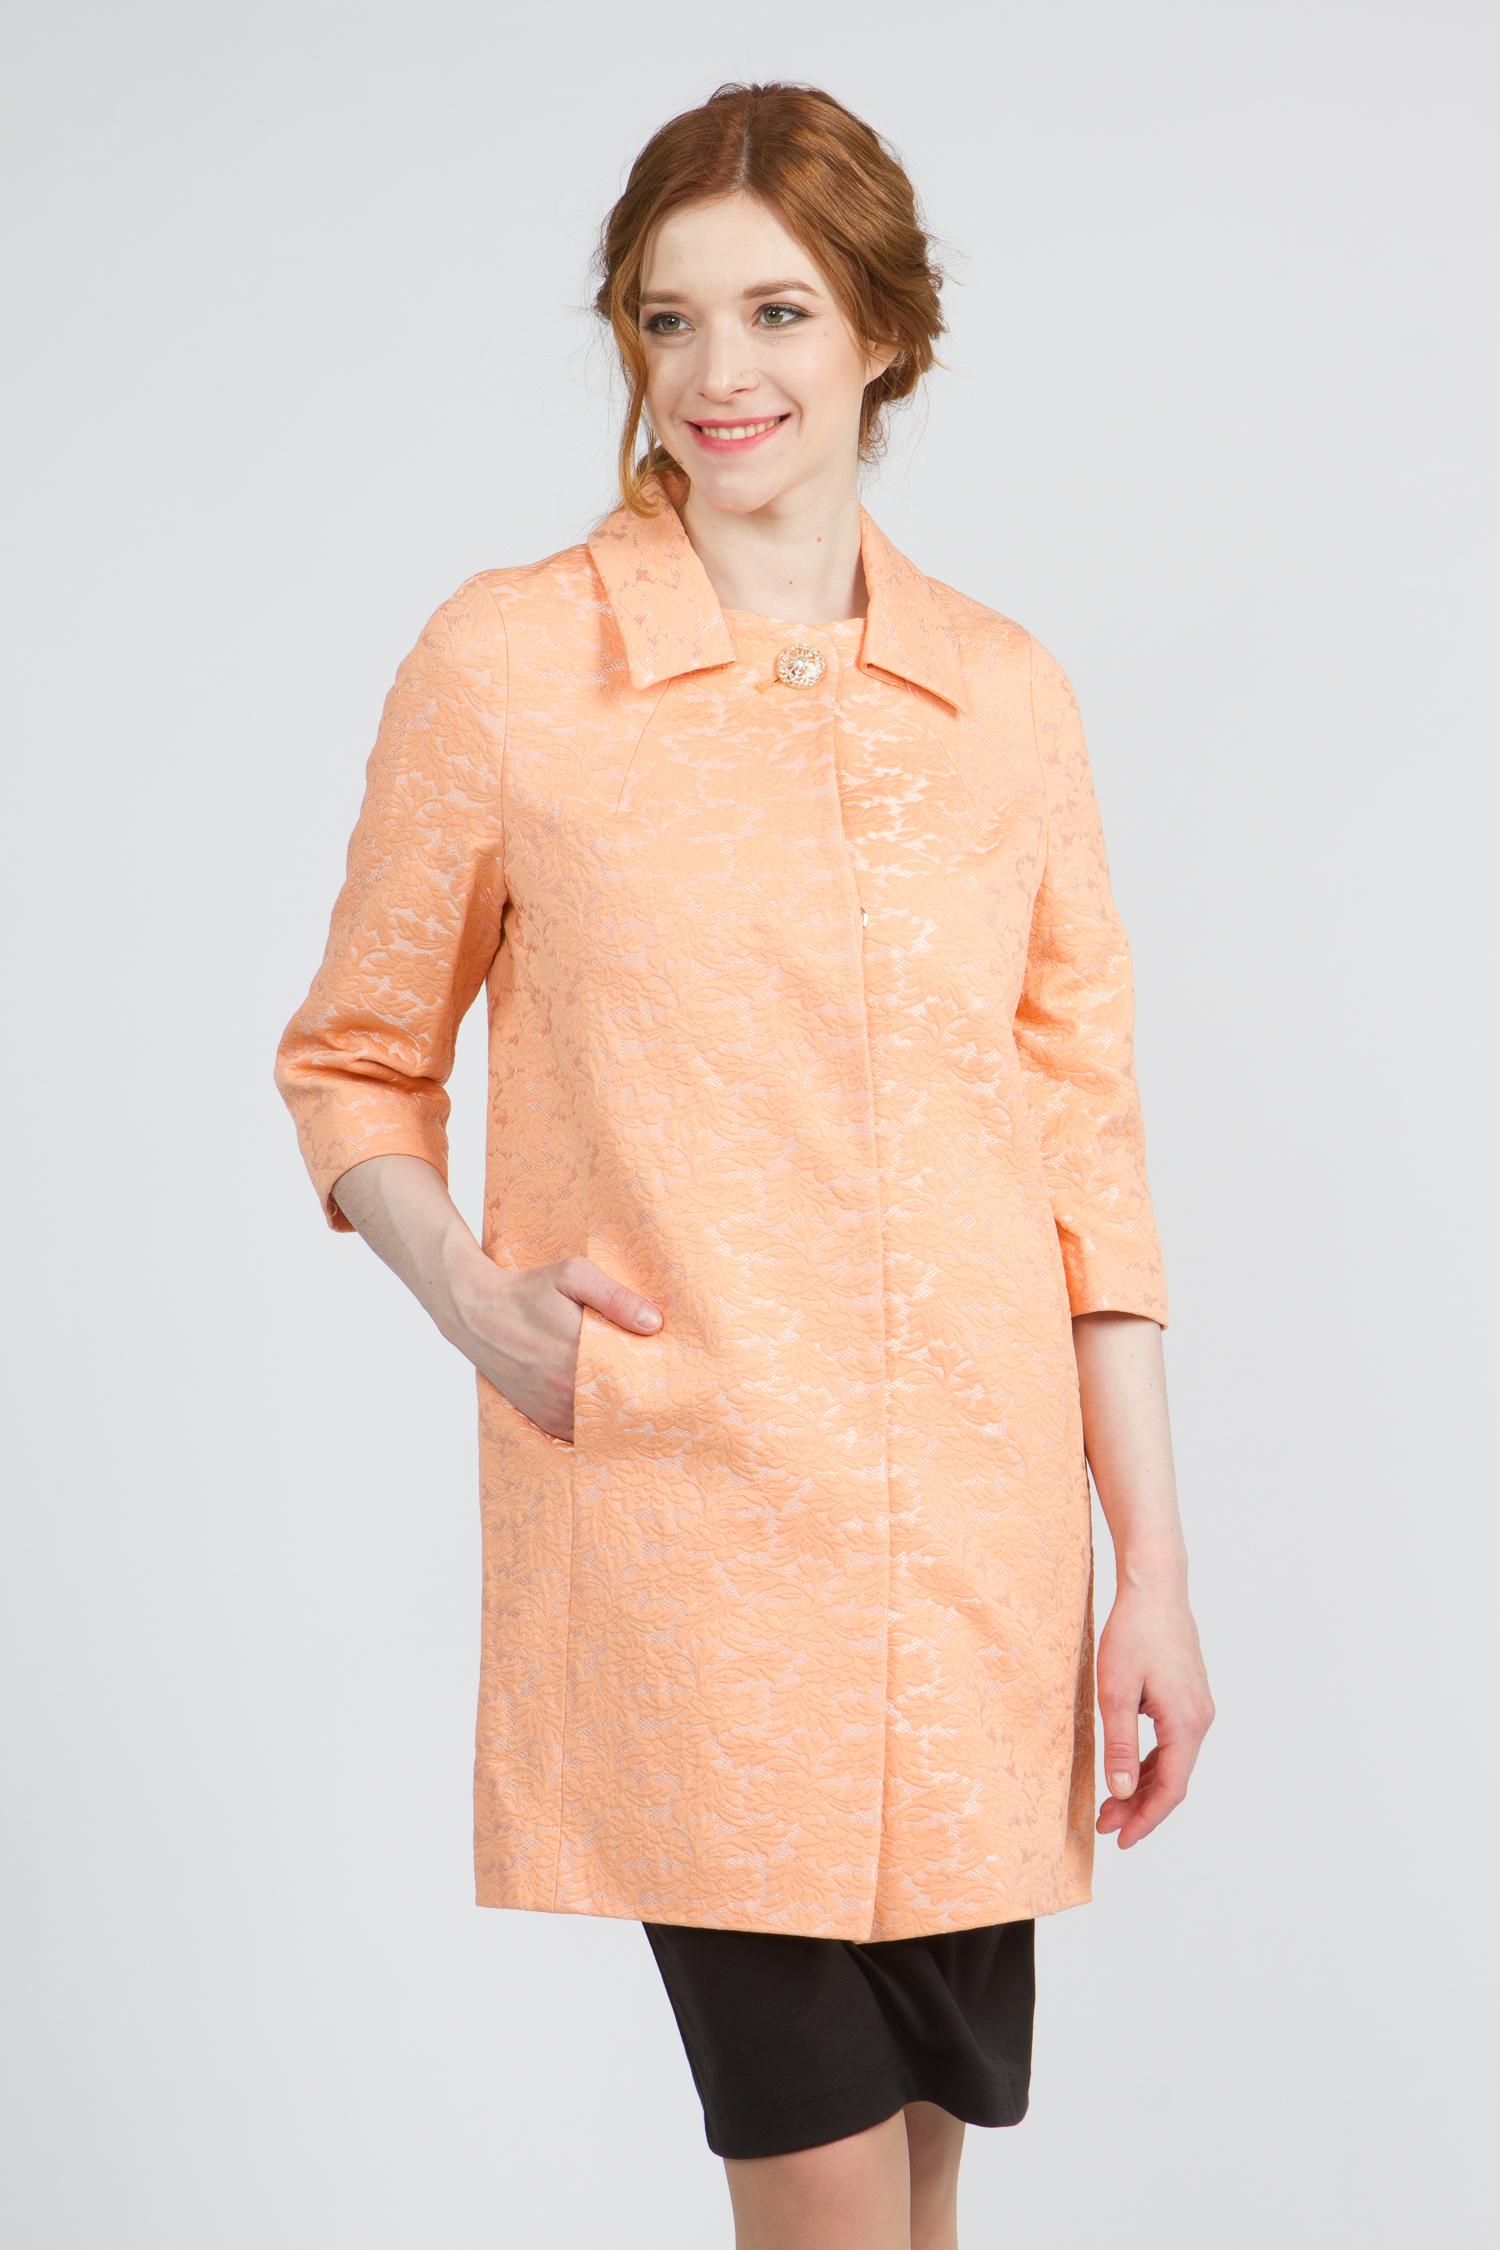 Облегченное женское пальто из текстиля с воротником, без отделки. Производитель: Московская Меховая Компания, артикул: 9076